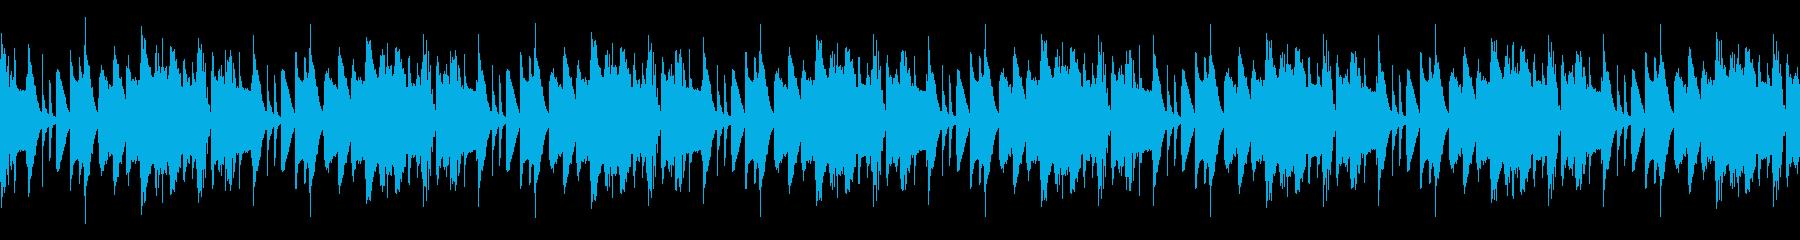 テンポ感がいいジャズハウスの再生済みの波形